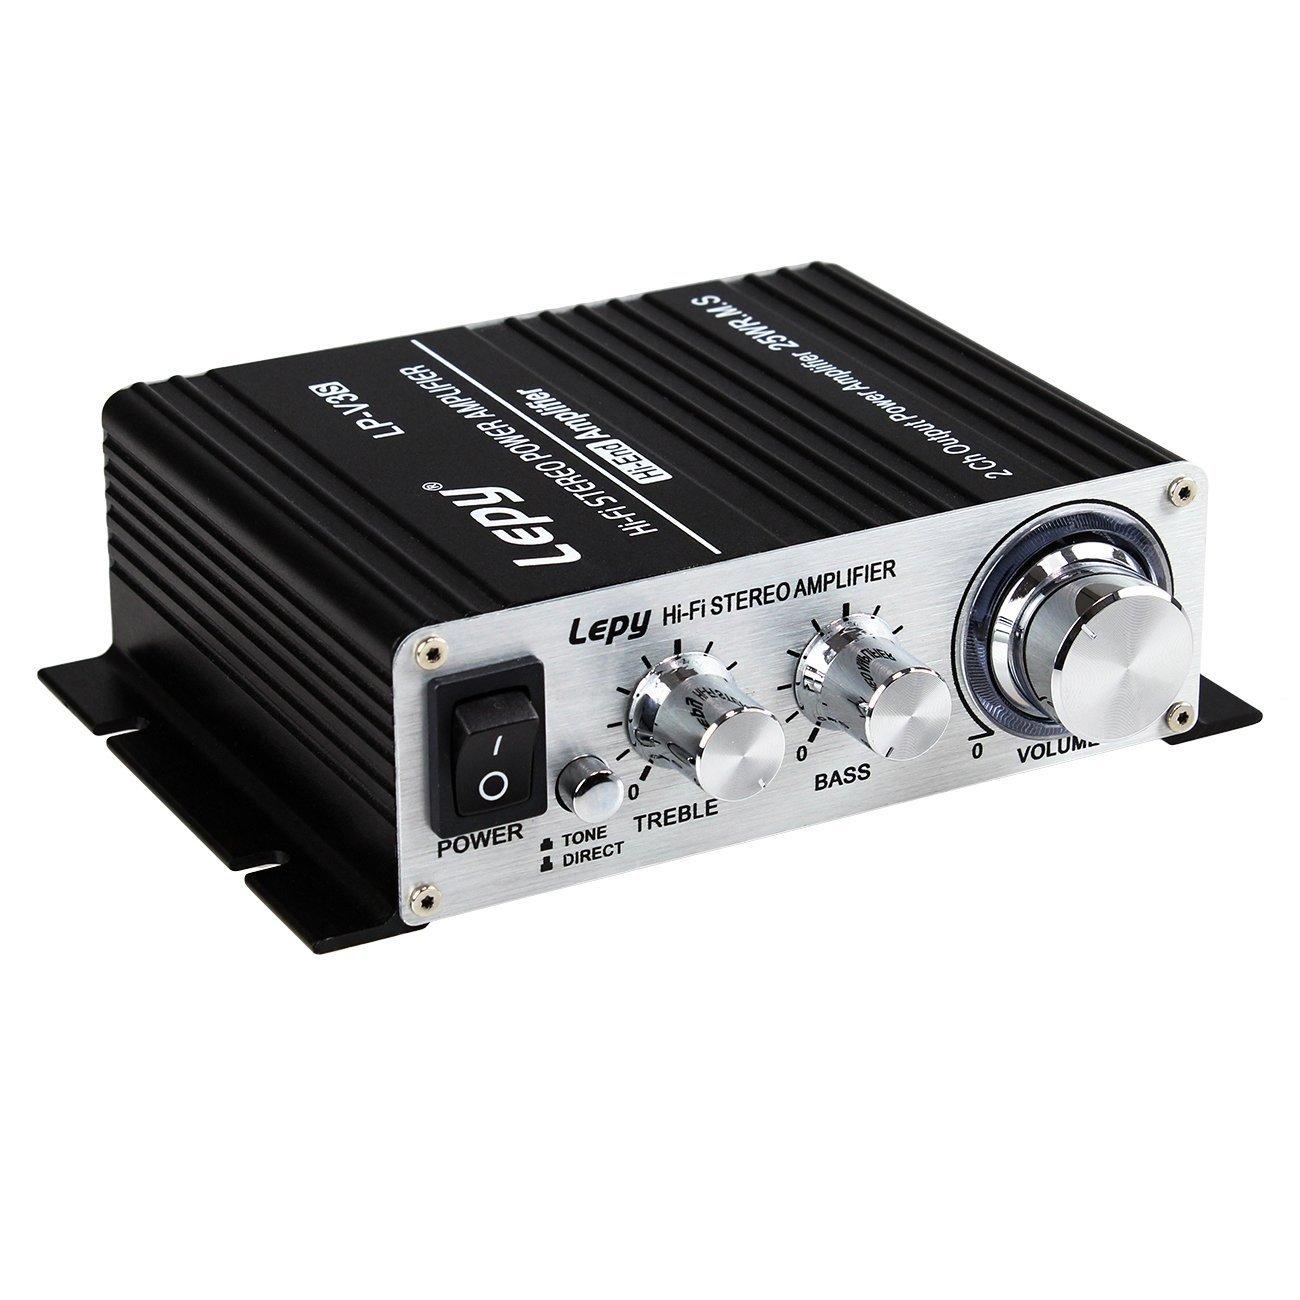 LEPY LP-V3S 25Wx2 RMS Ampli/Amplificateur audio Hifi sté ré o digital + Adaptateur EU 5A pour iPhone, PC, MP3 etc. OS04263-1+OS03963